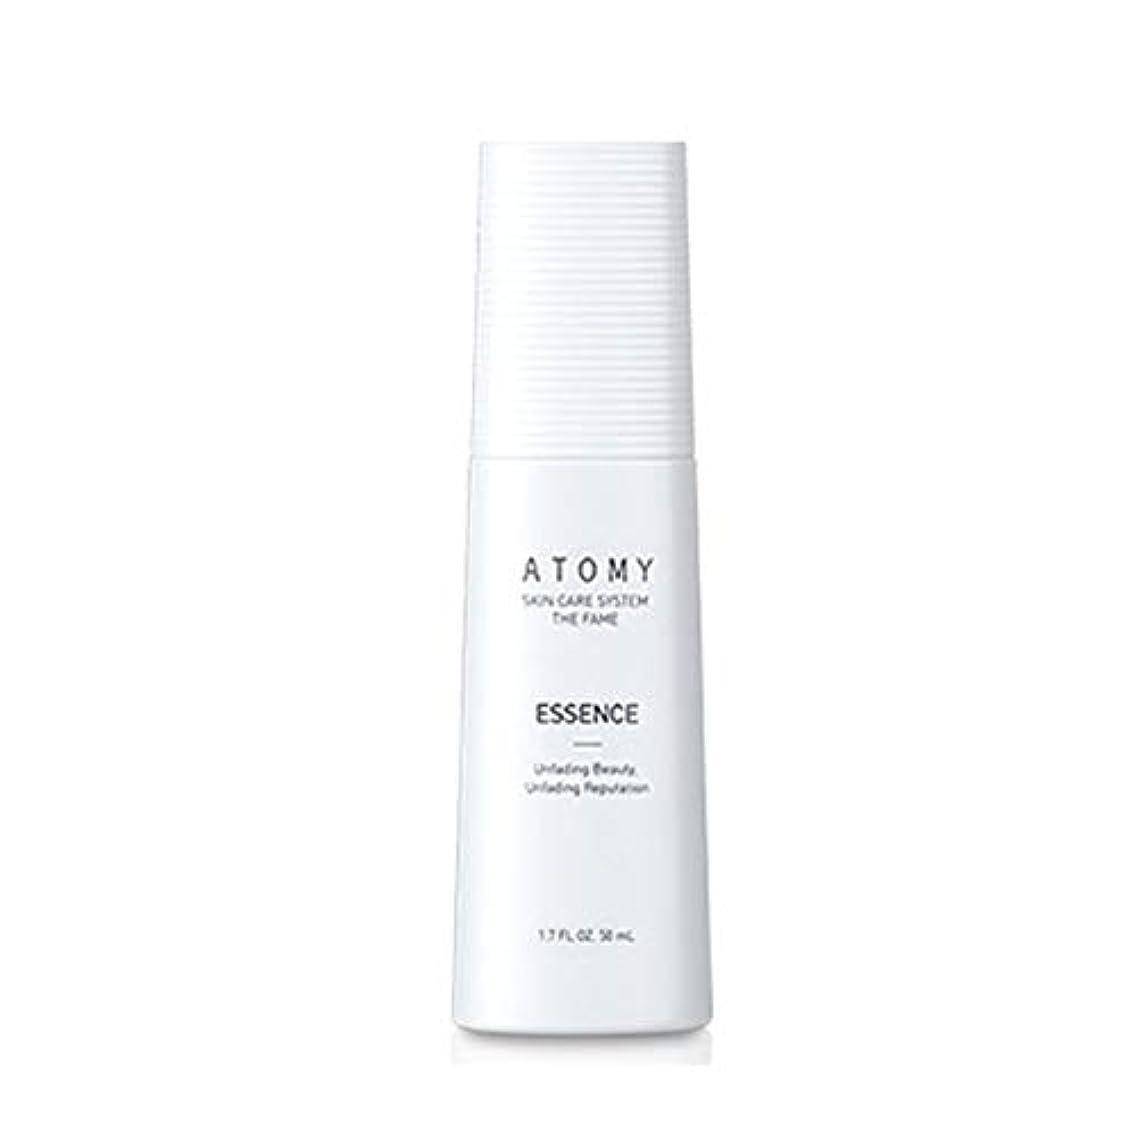 アトミザ?フェームエッセンス50ml韓国コスメ、Atomy The Fame Essence 50ml Korean Cosmetics [並行輸入品]